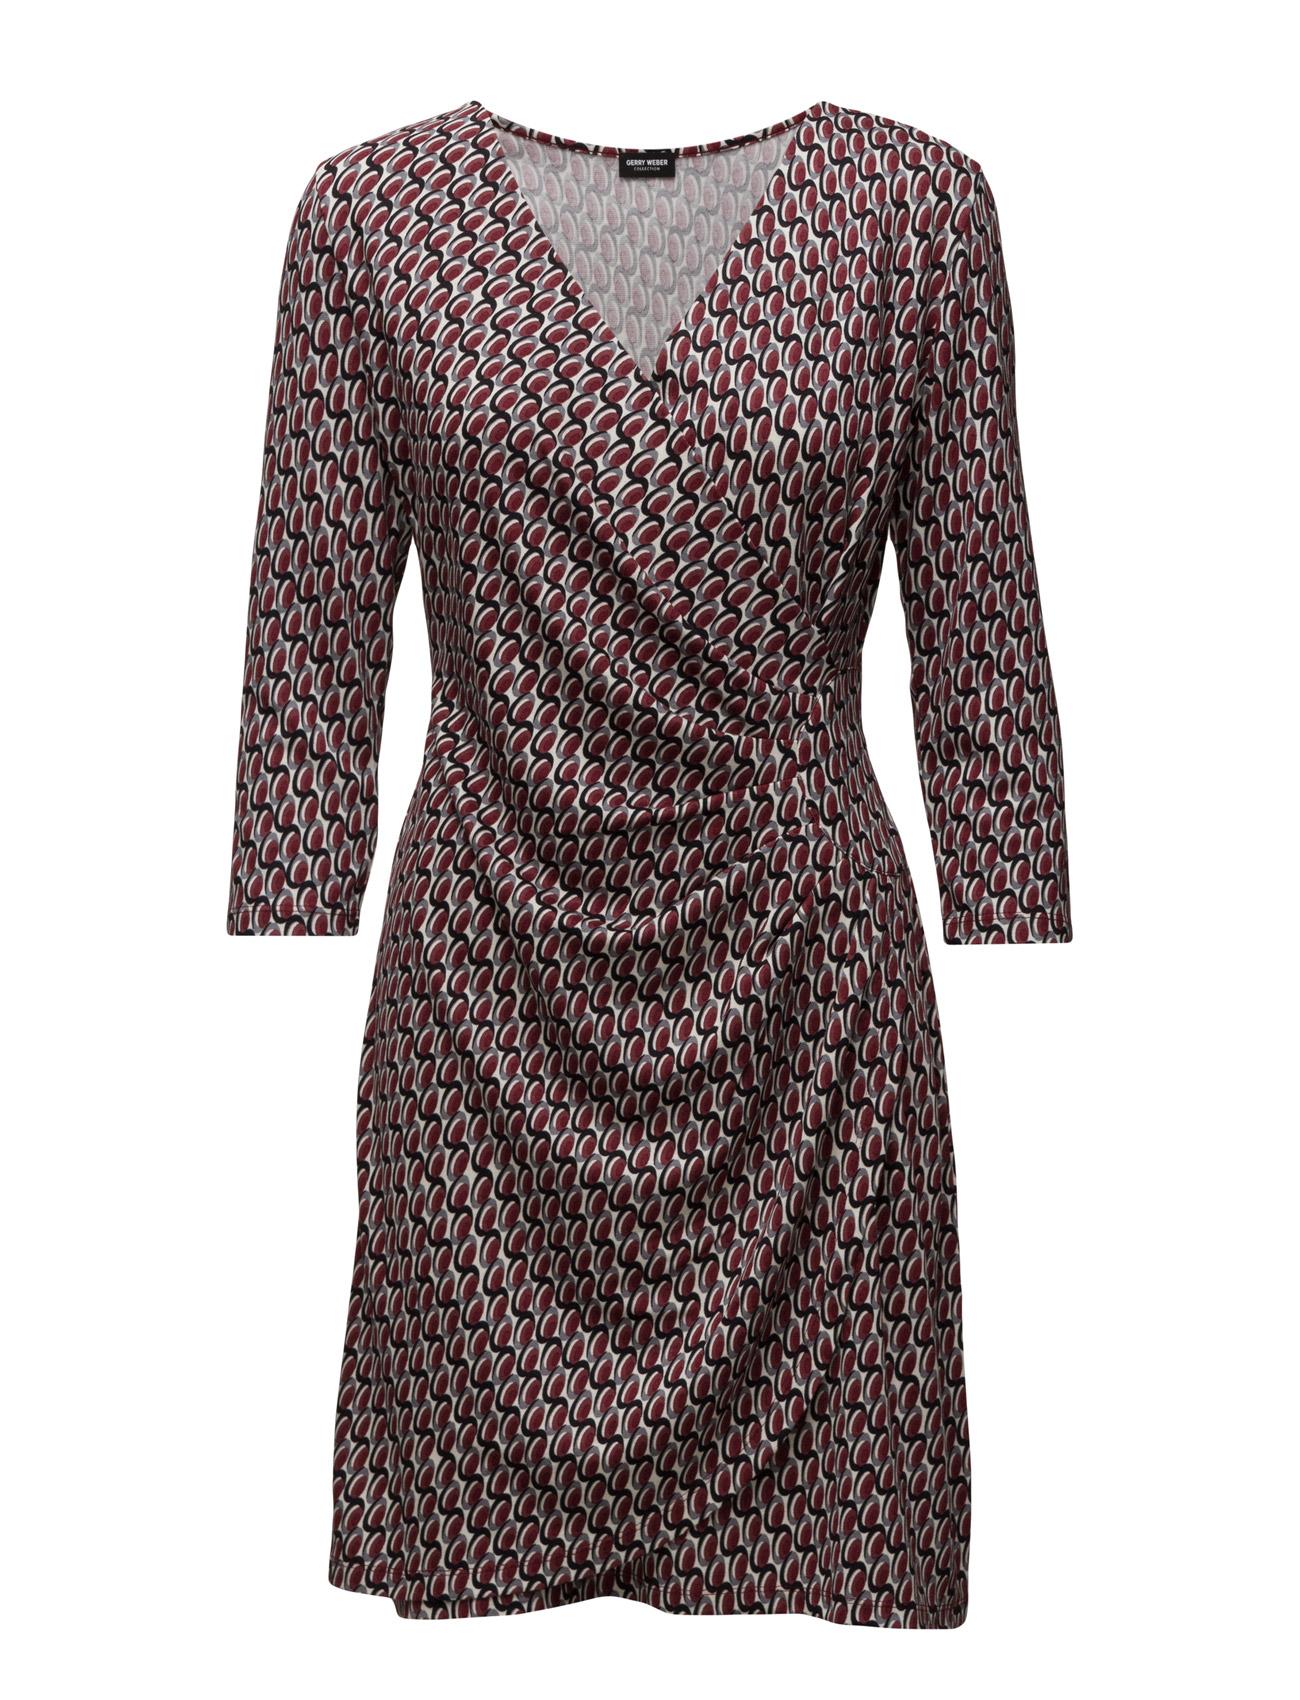 Dress Knitted Fabric Gerry Weber Knælange & mellemlange til Kvinder i Ecru